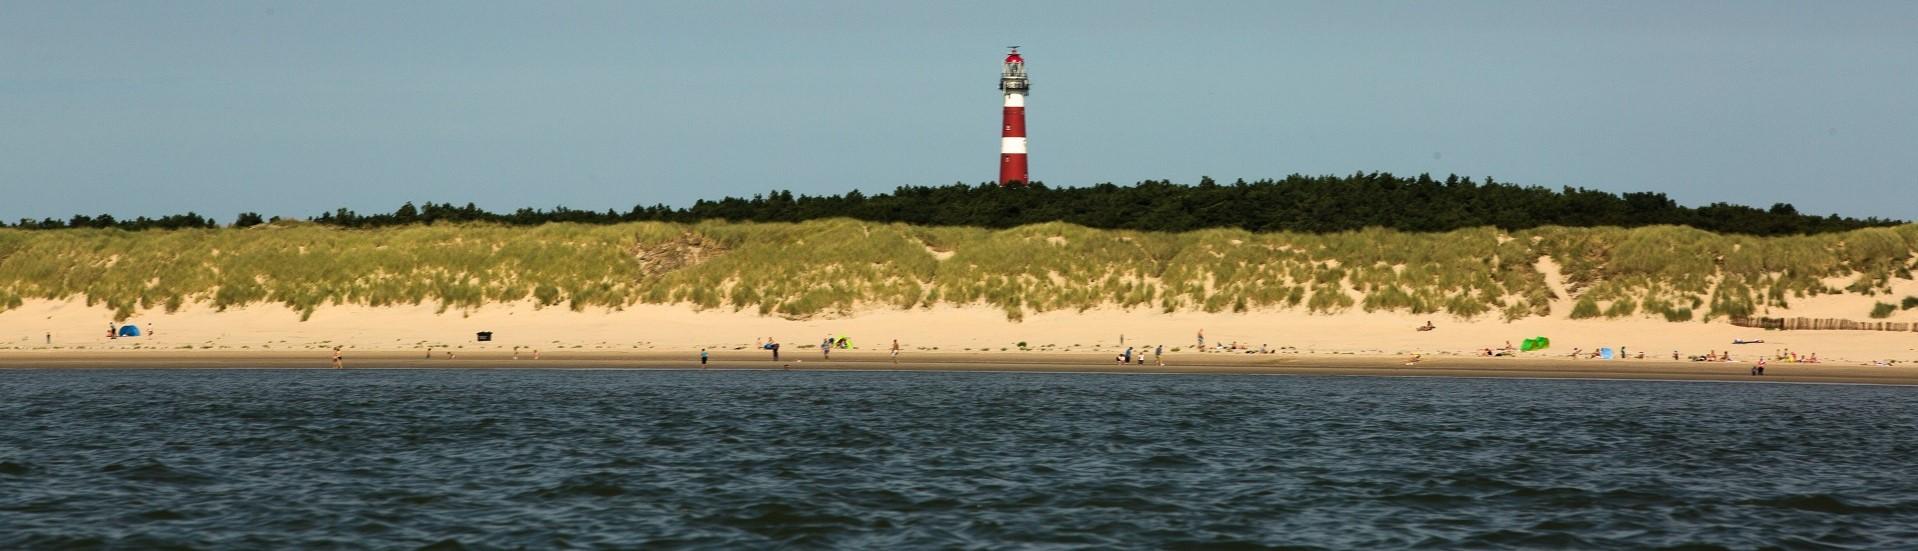 Amelander strand